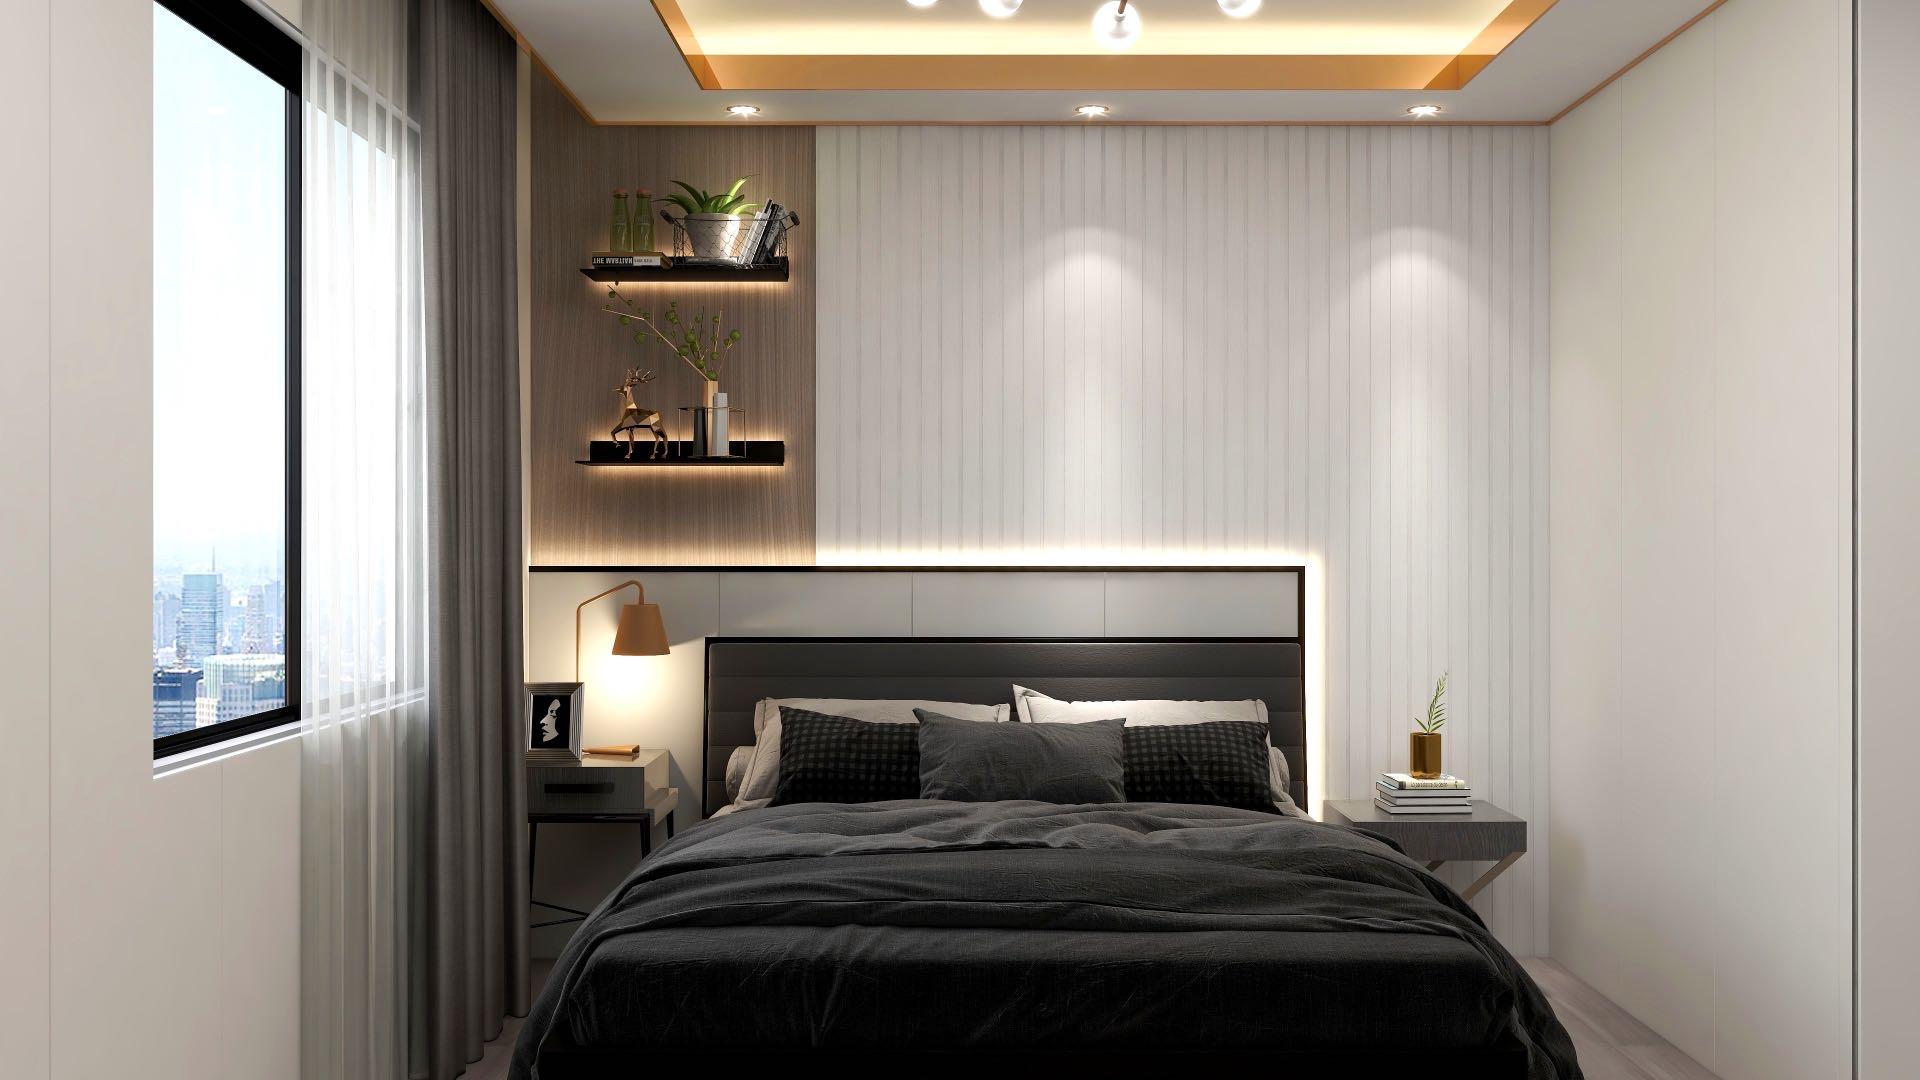 来斯奥竹木纤维护墙板国外进口每米计价护墙板高端护墙板热销款